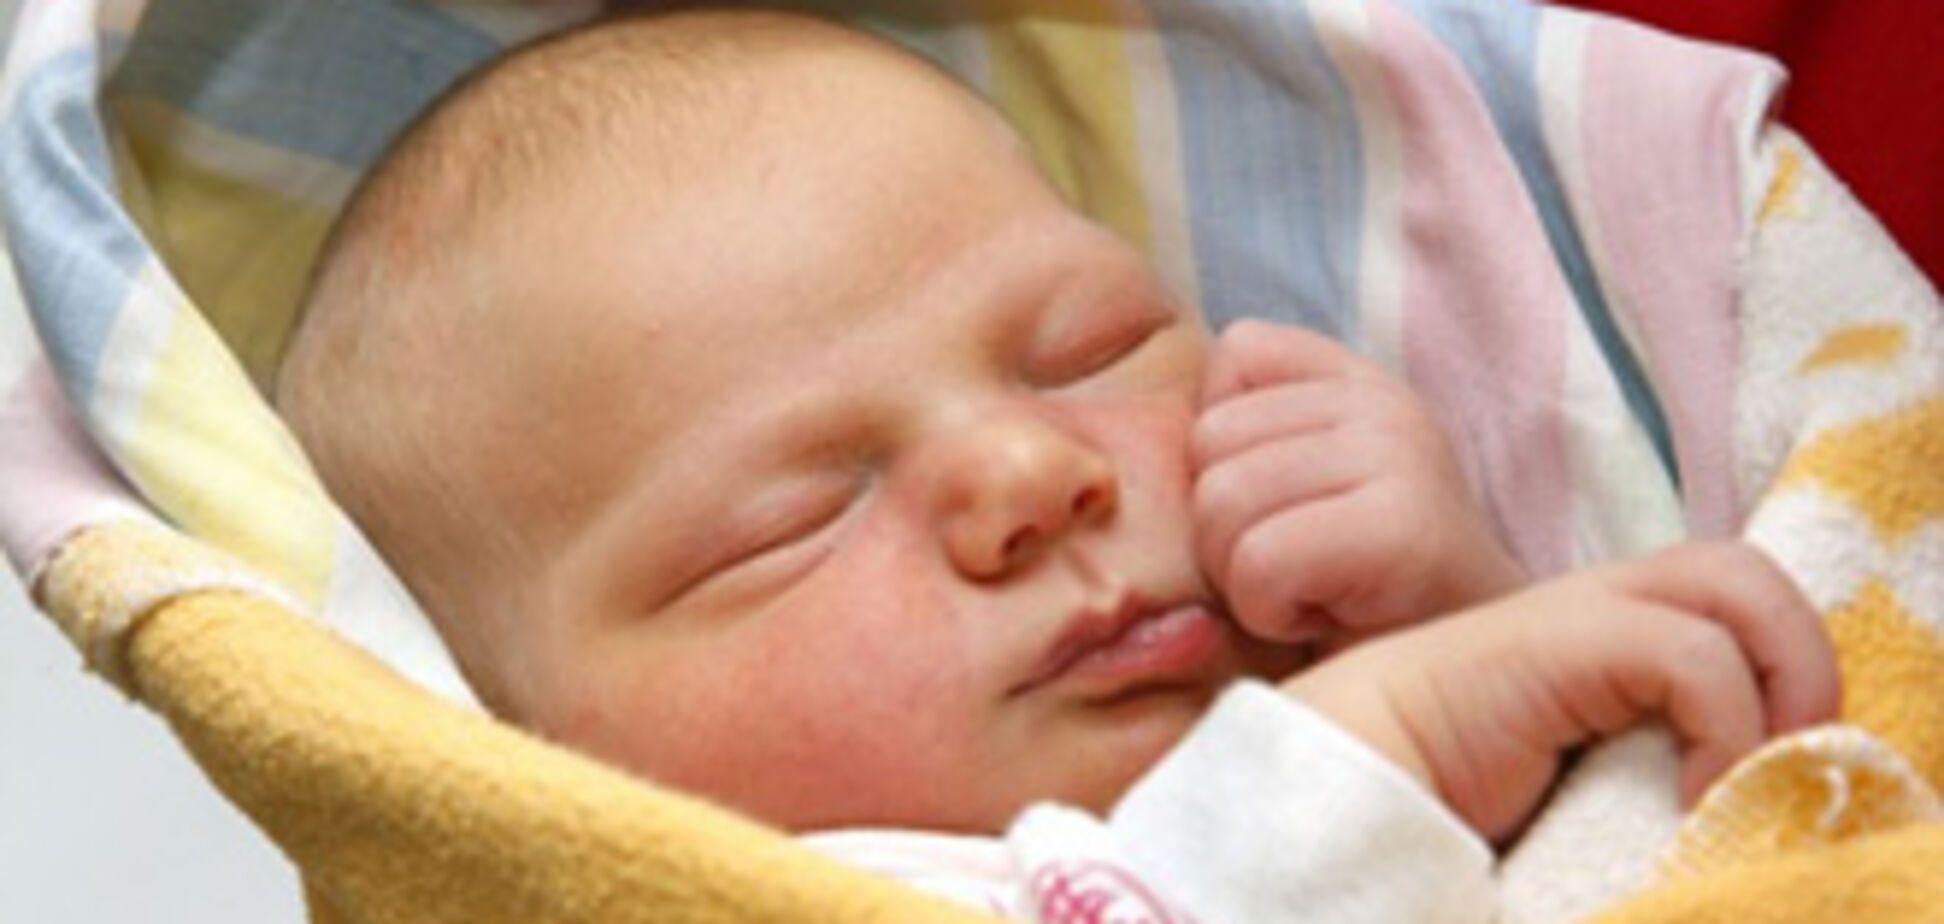 В Донецке из-за прививки умер младенец